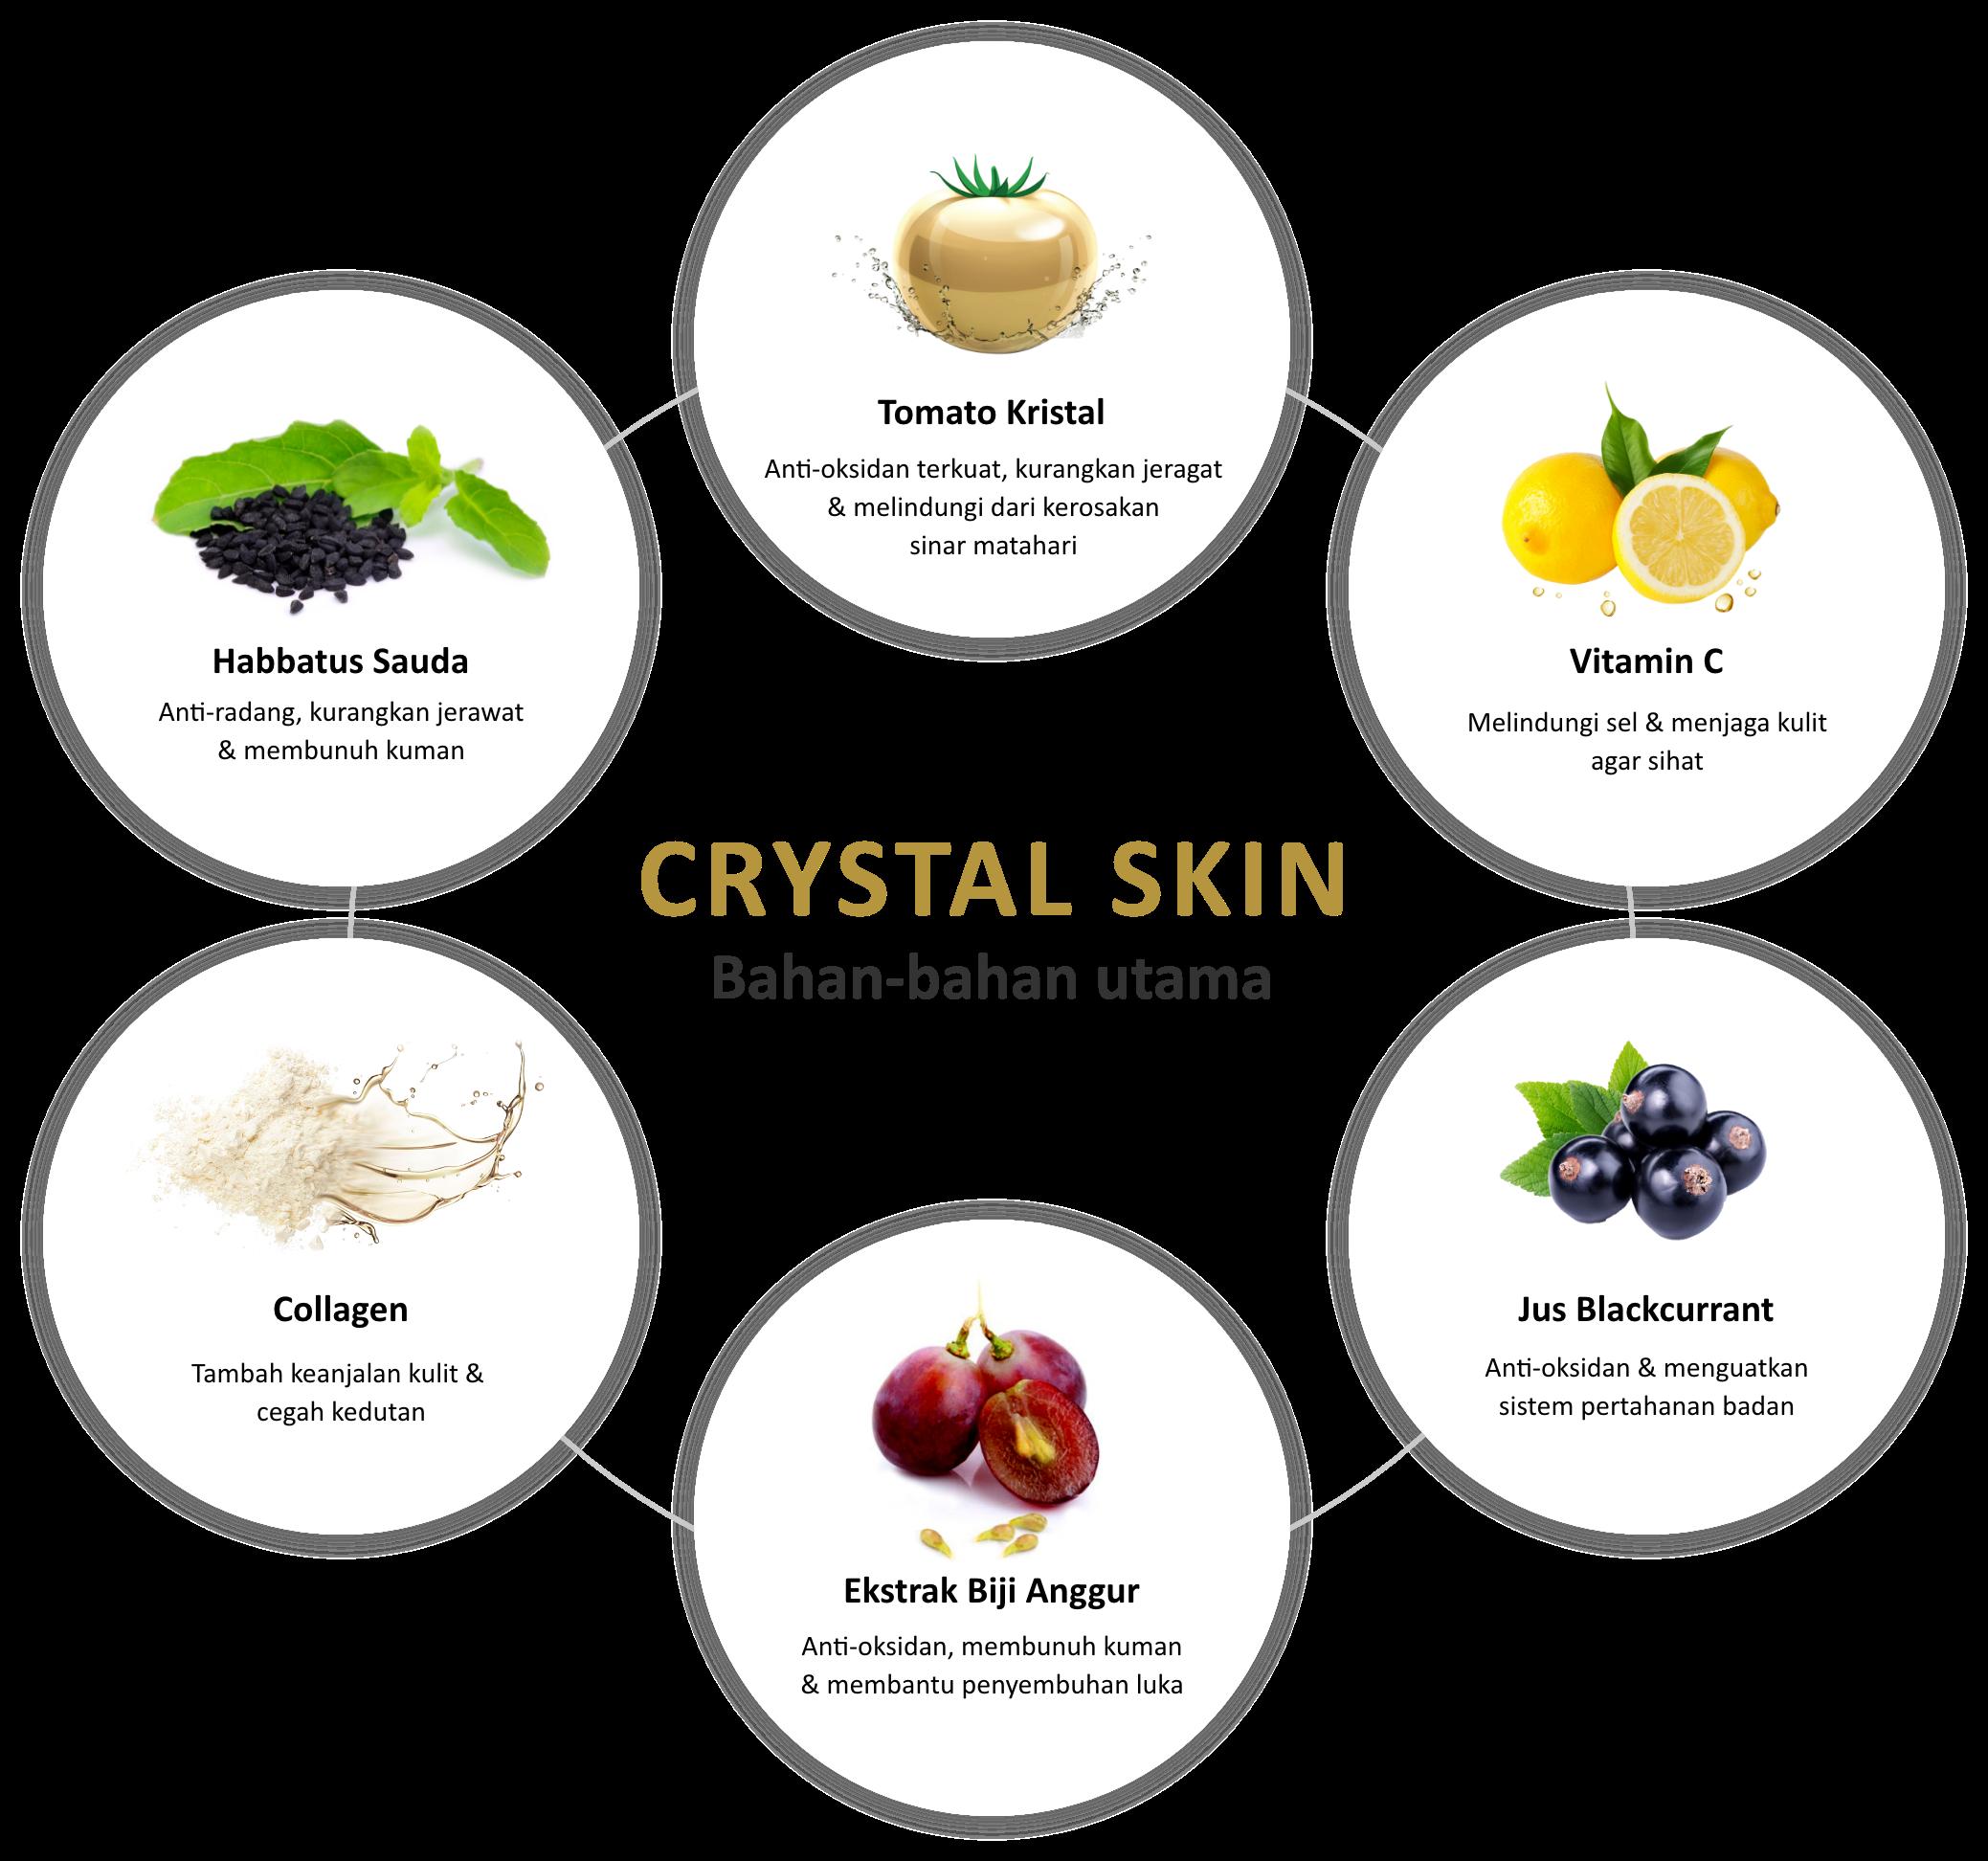 Crystal Skin Main Ingredients